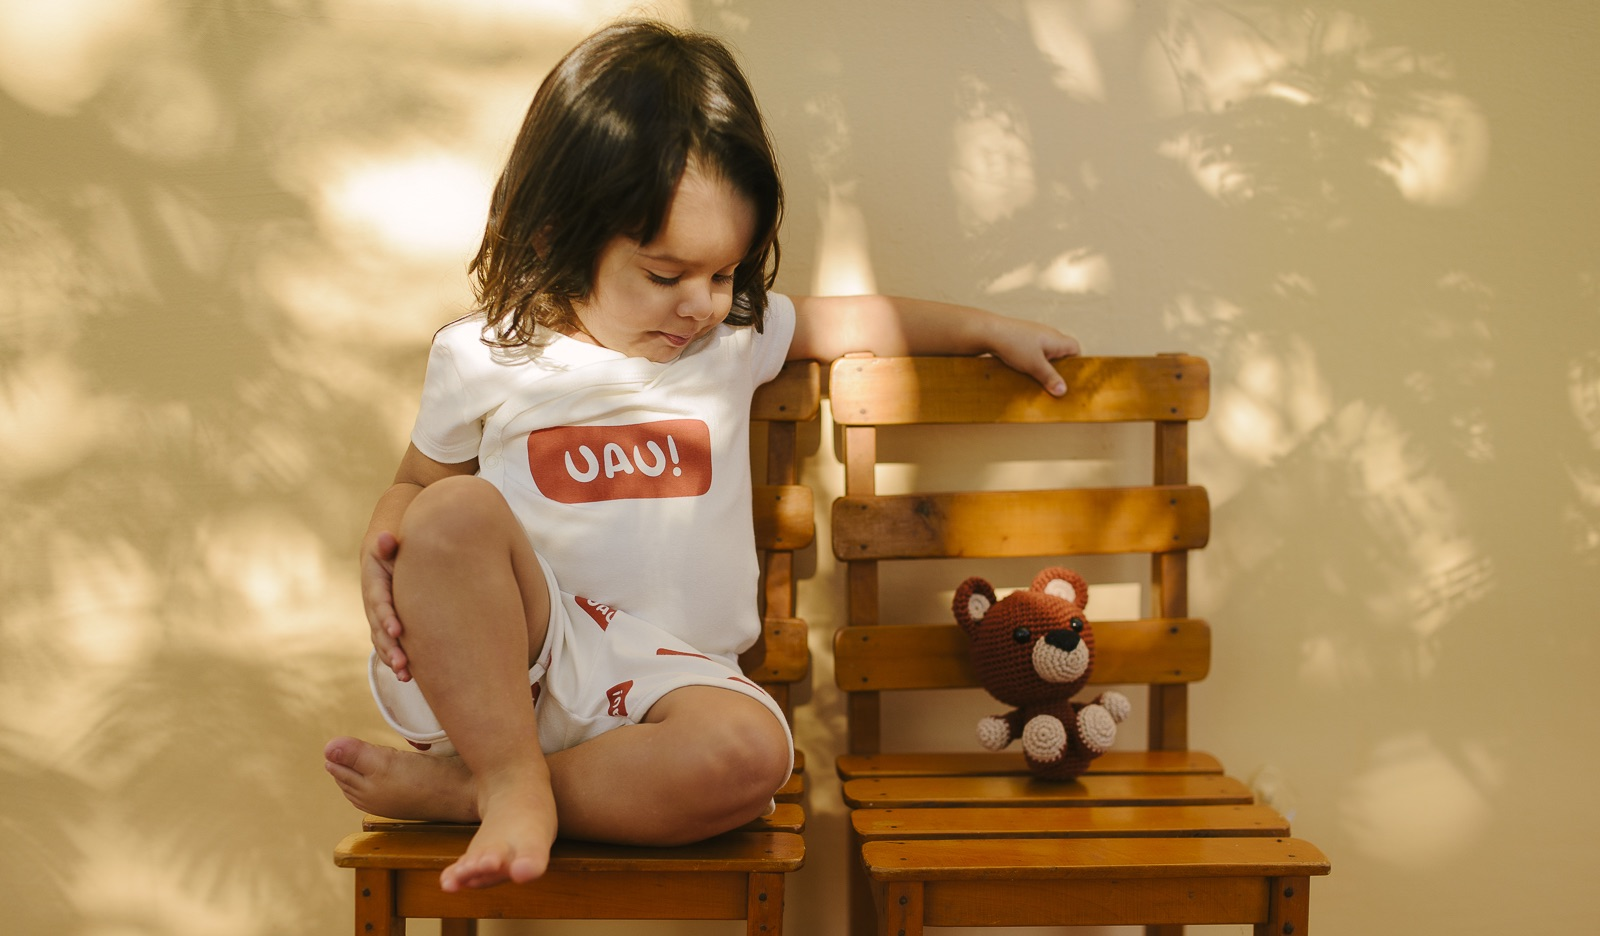 criança vestindo camiseta uau e urso de pelúcia